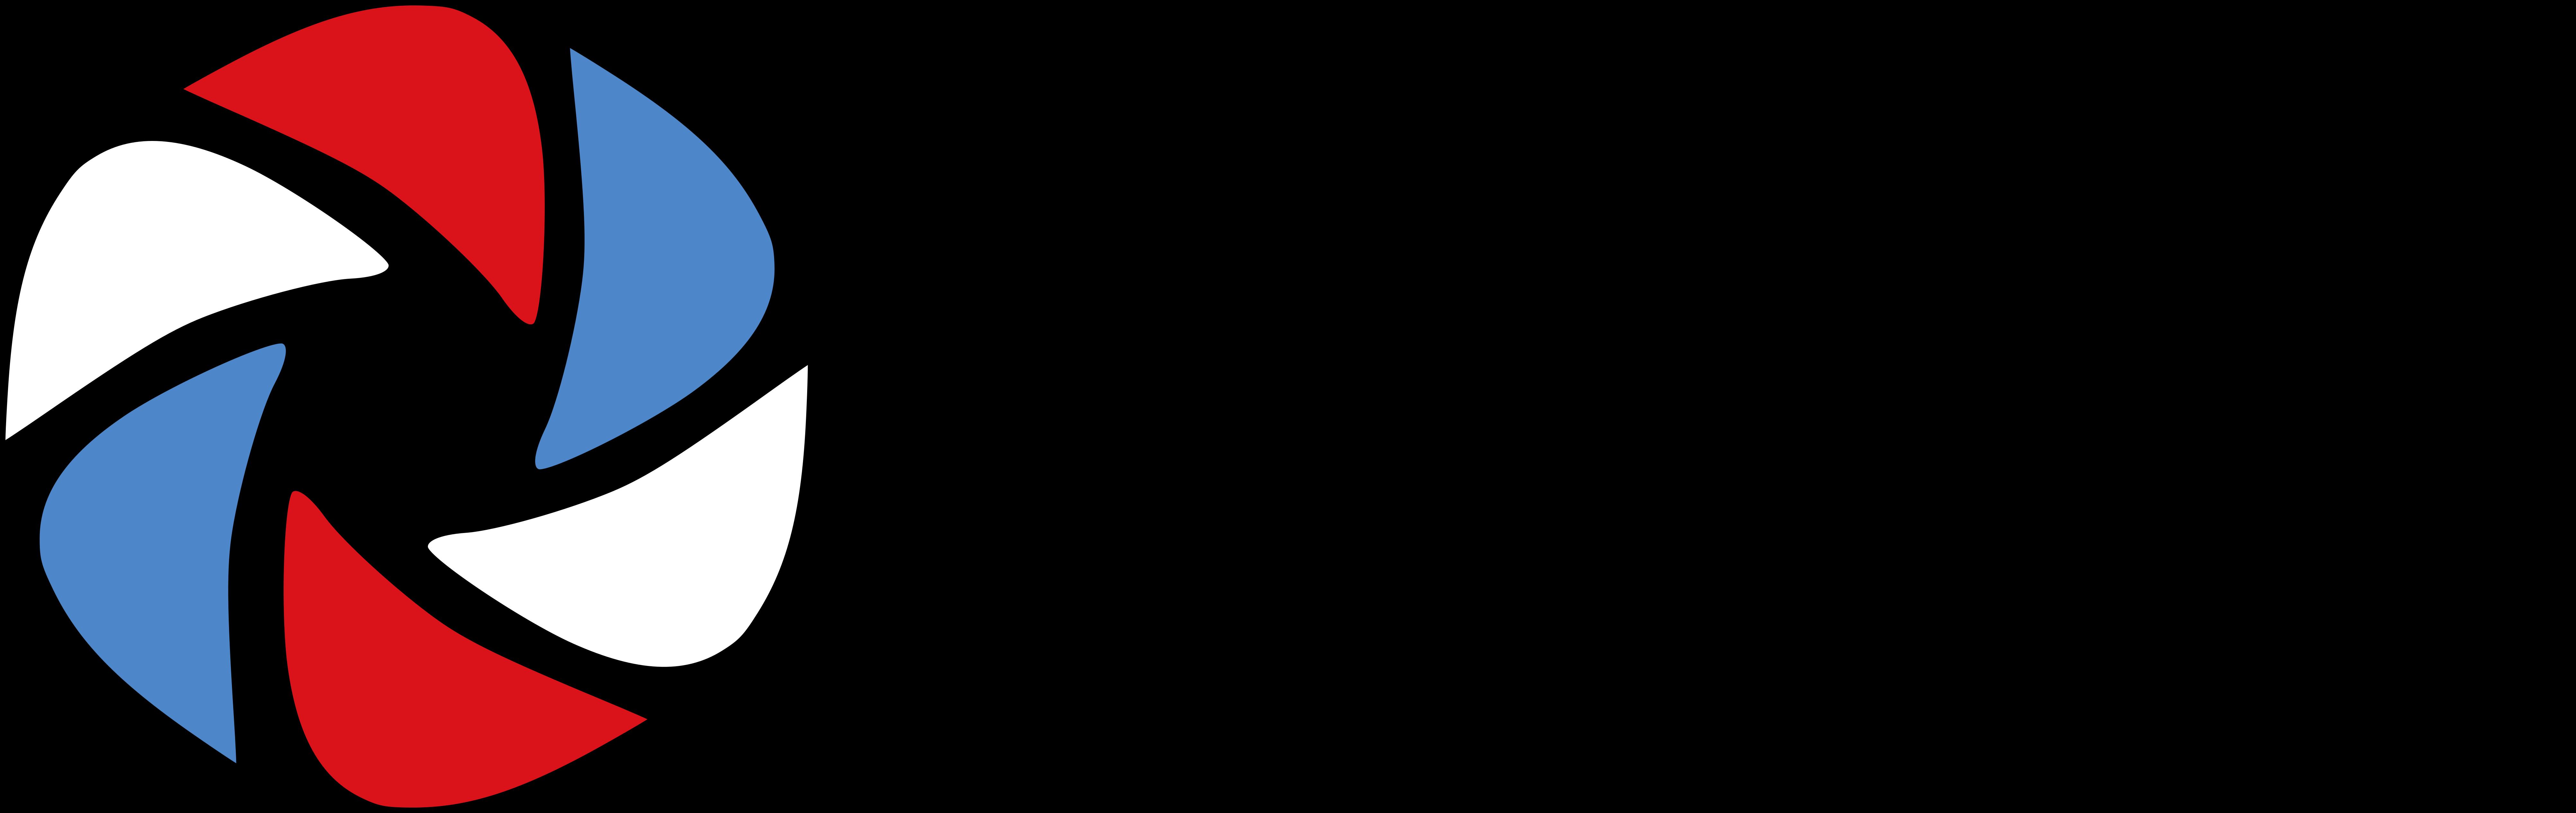 RGSDron. Operadora de drones